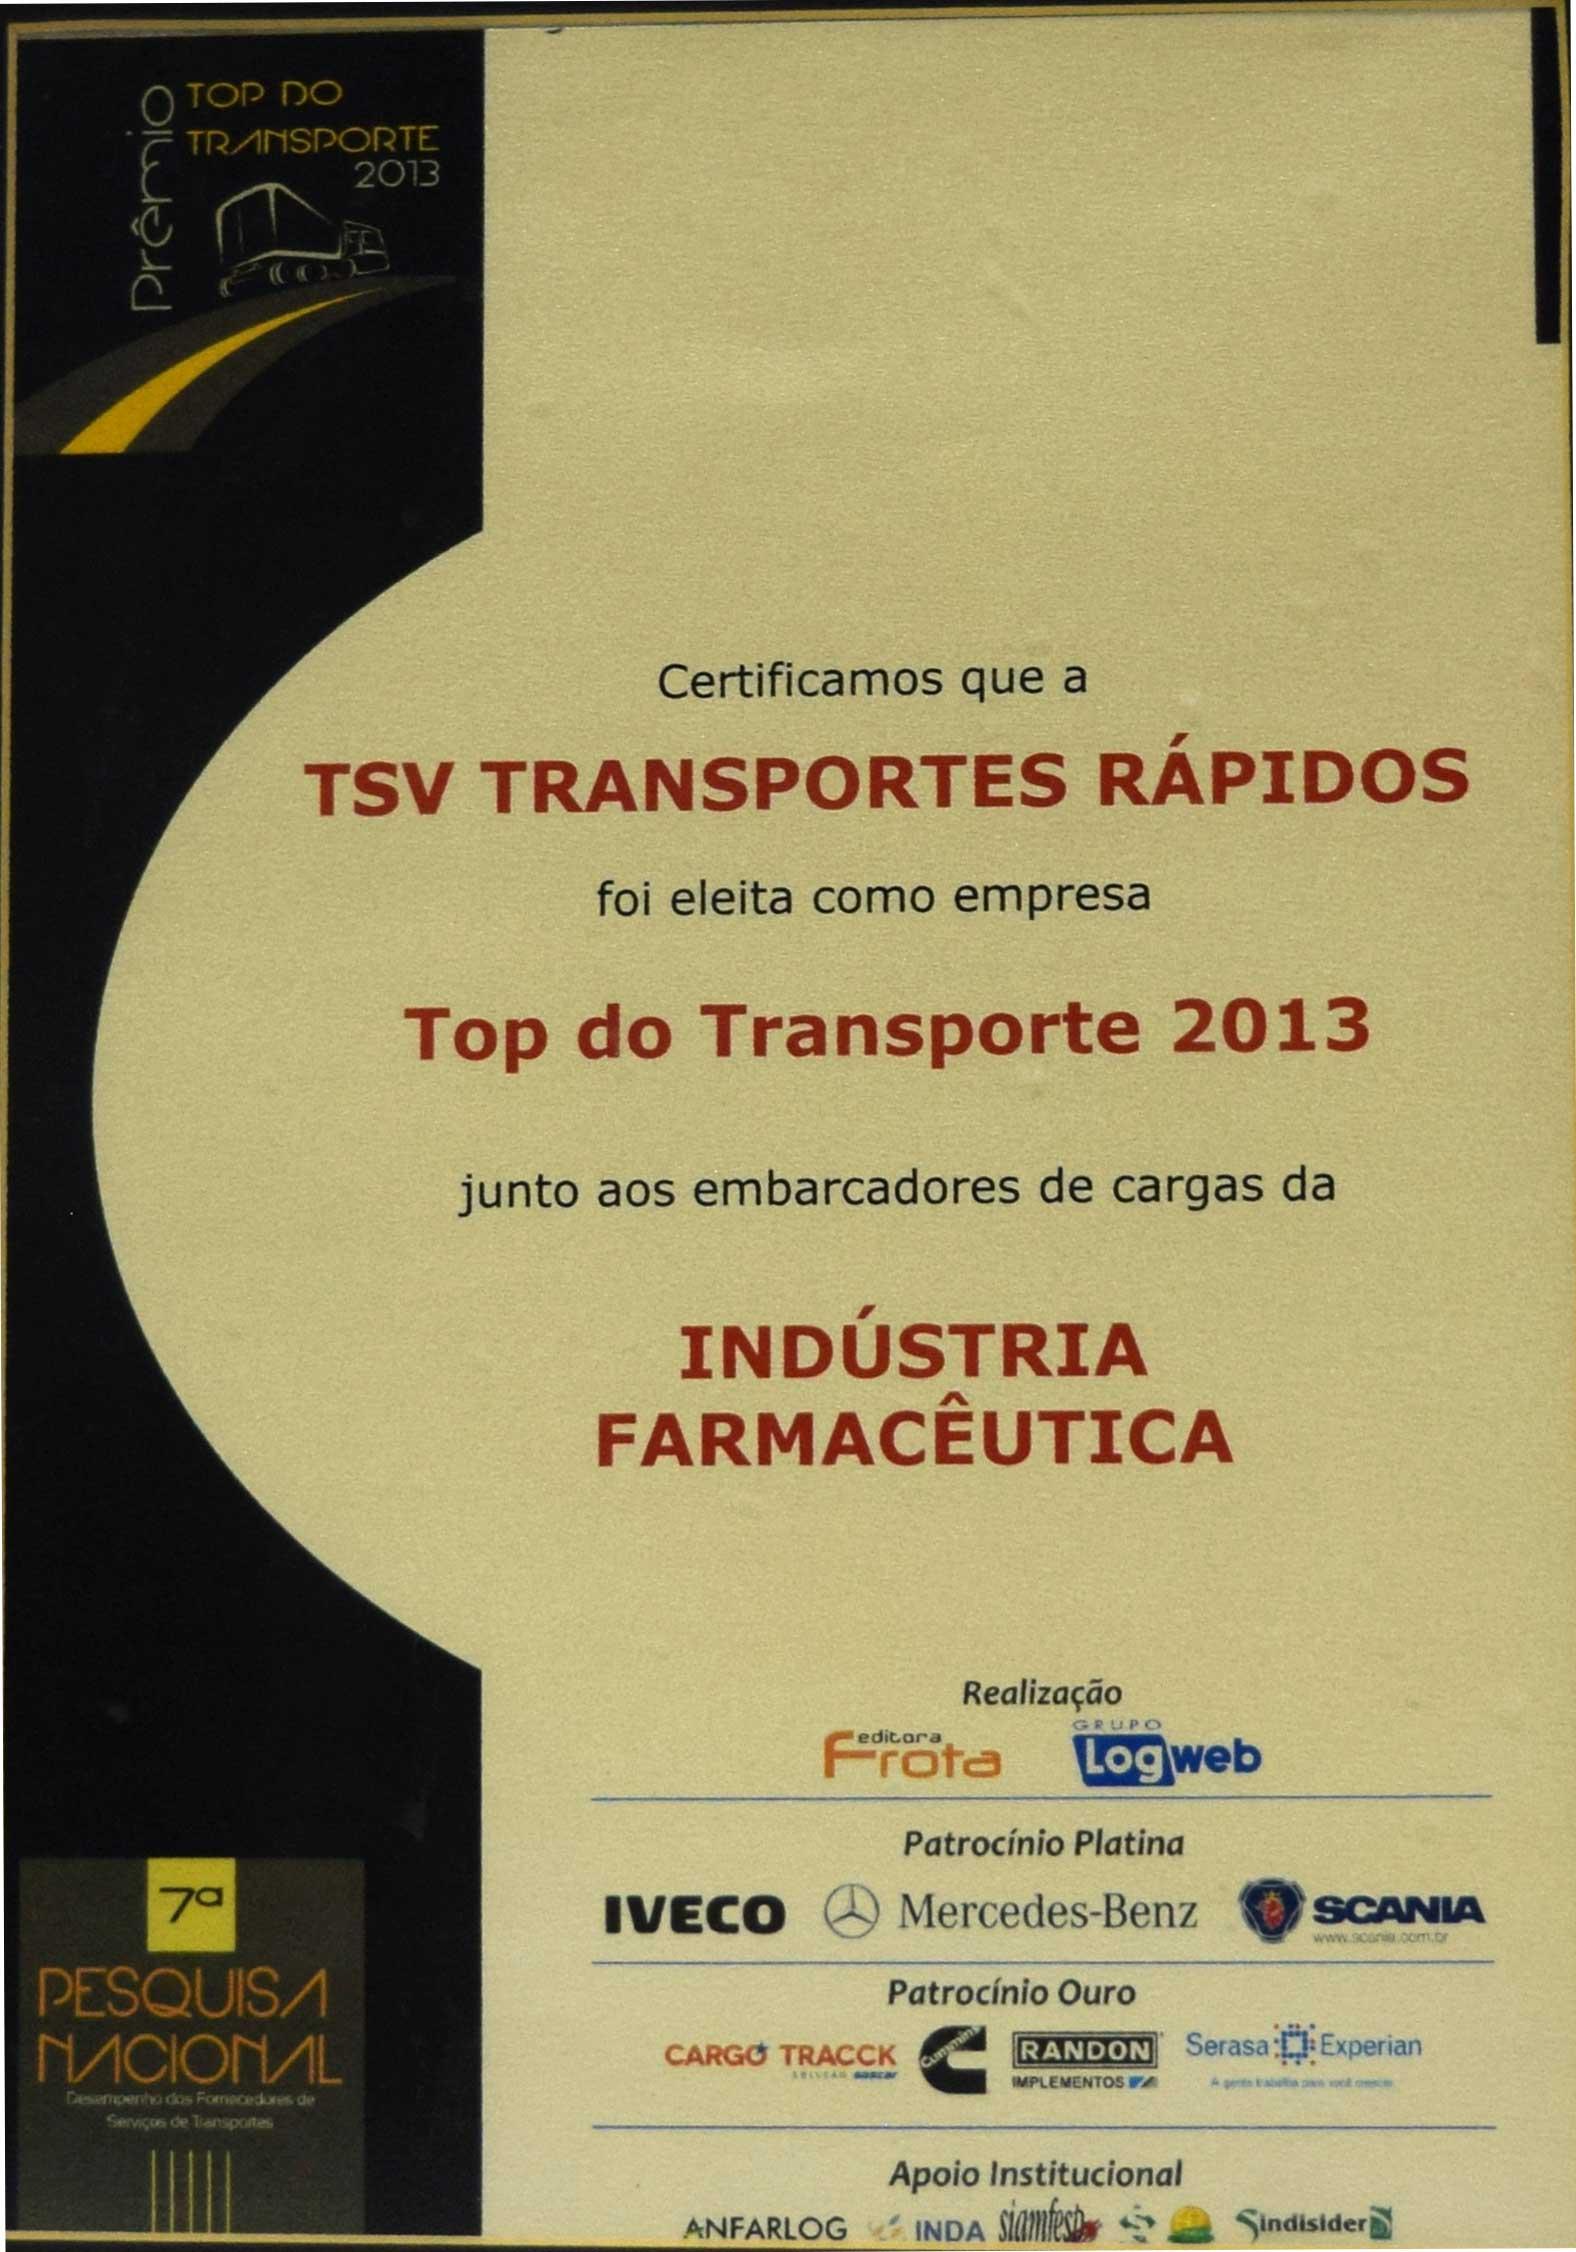 http://www.tsvtransportes.com.br/wp-content/uploads/2018/09/DSC_0191.jpg